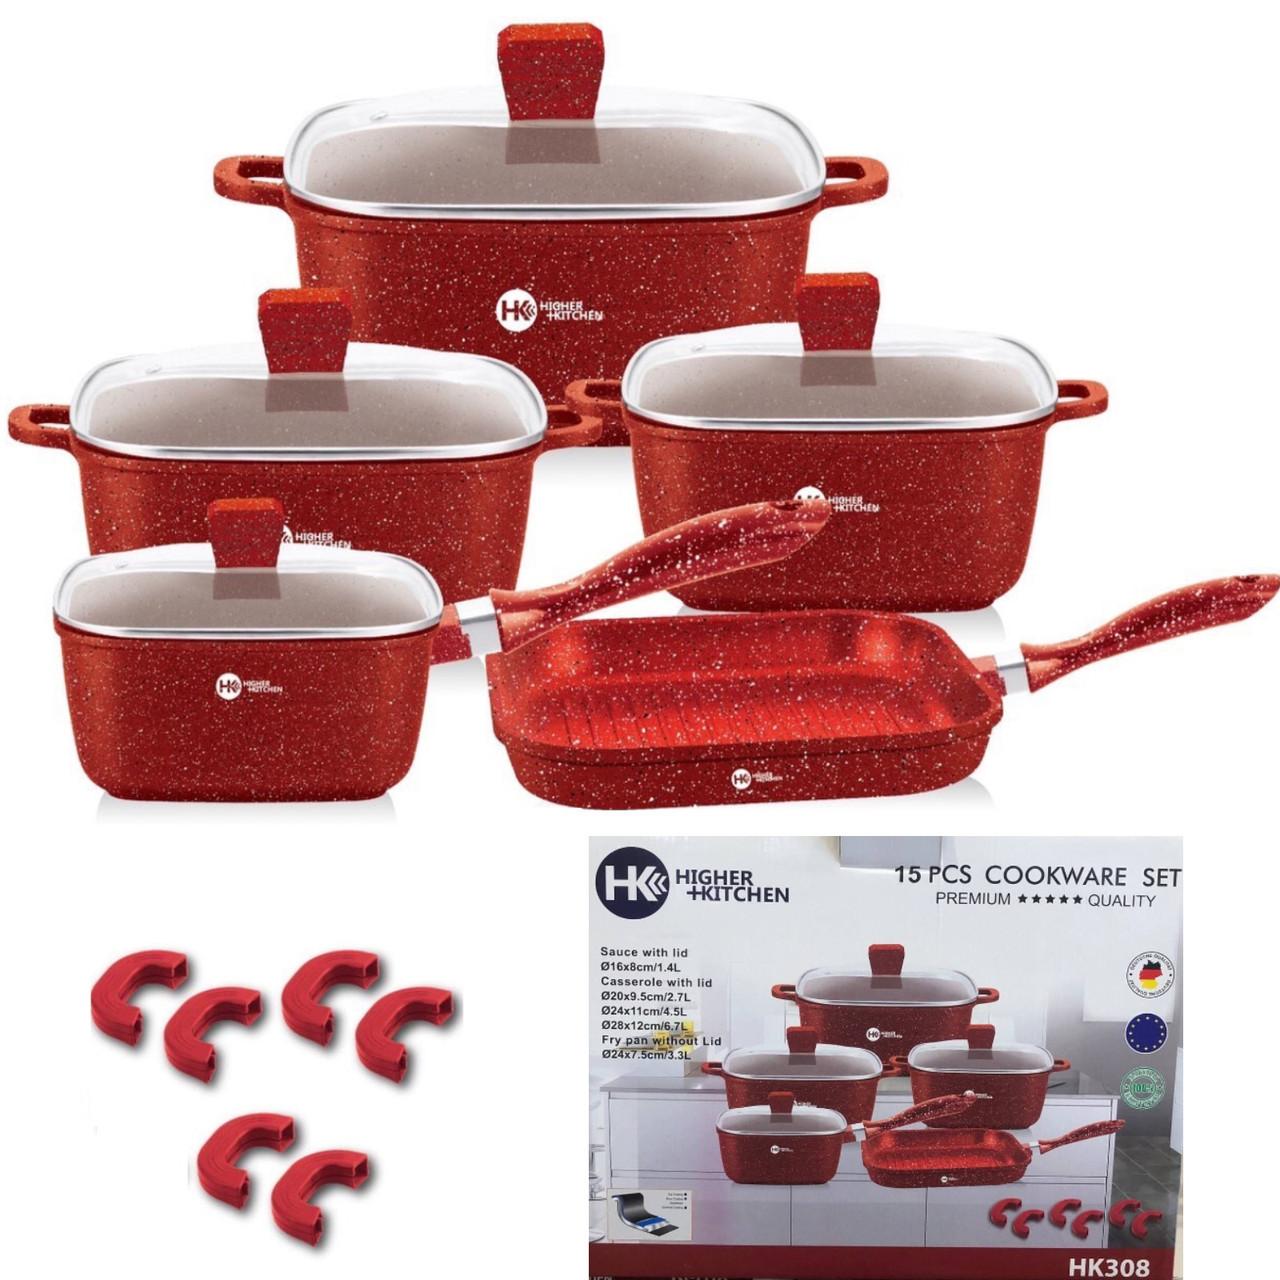 Набор кастрюль и сковорода Higher Kitchen HK-308, Набор посуды с гранитным антипригарным покрытием